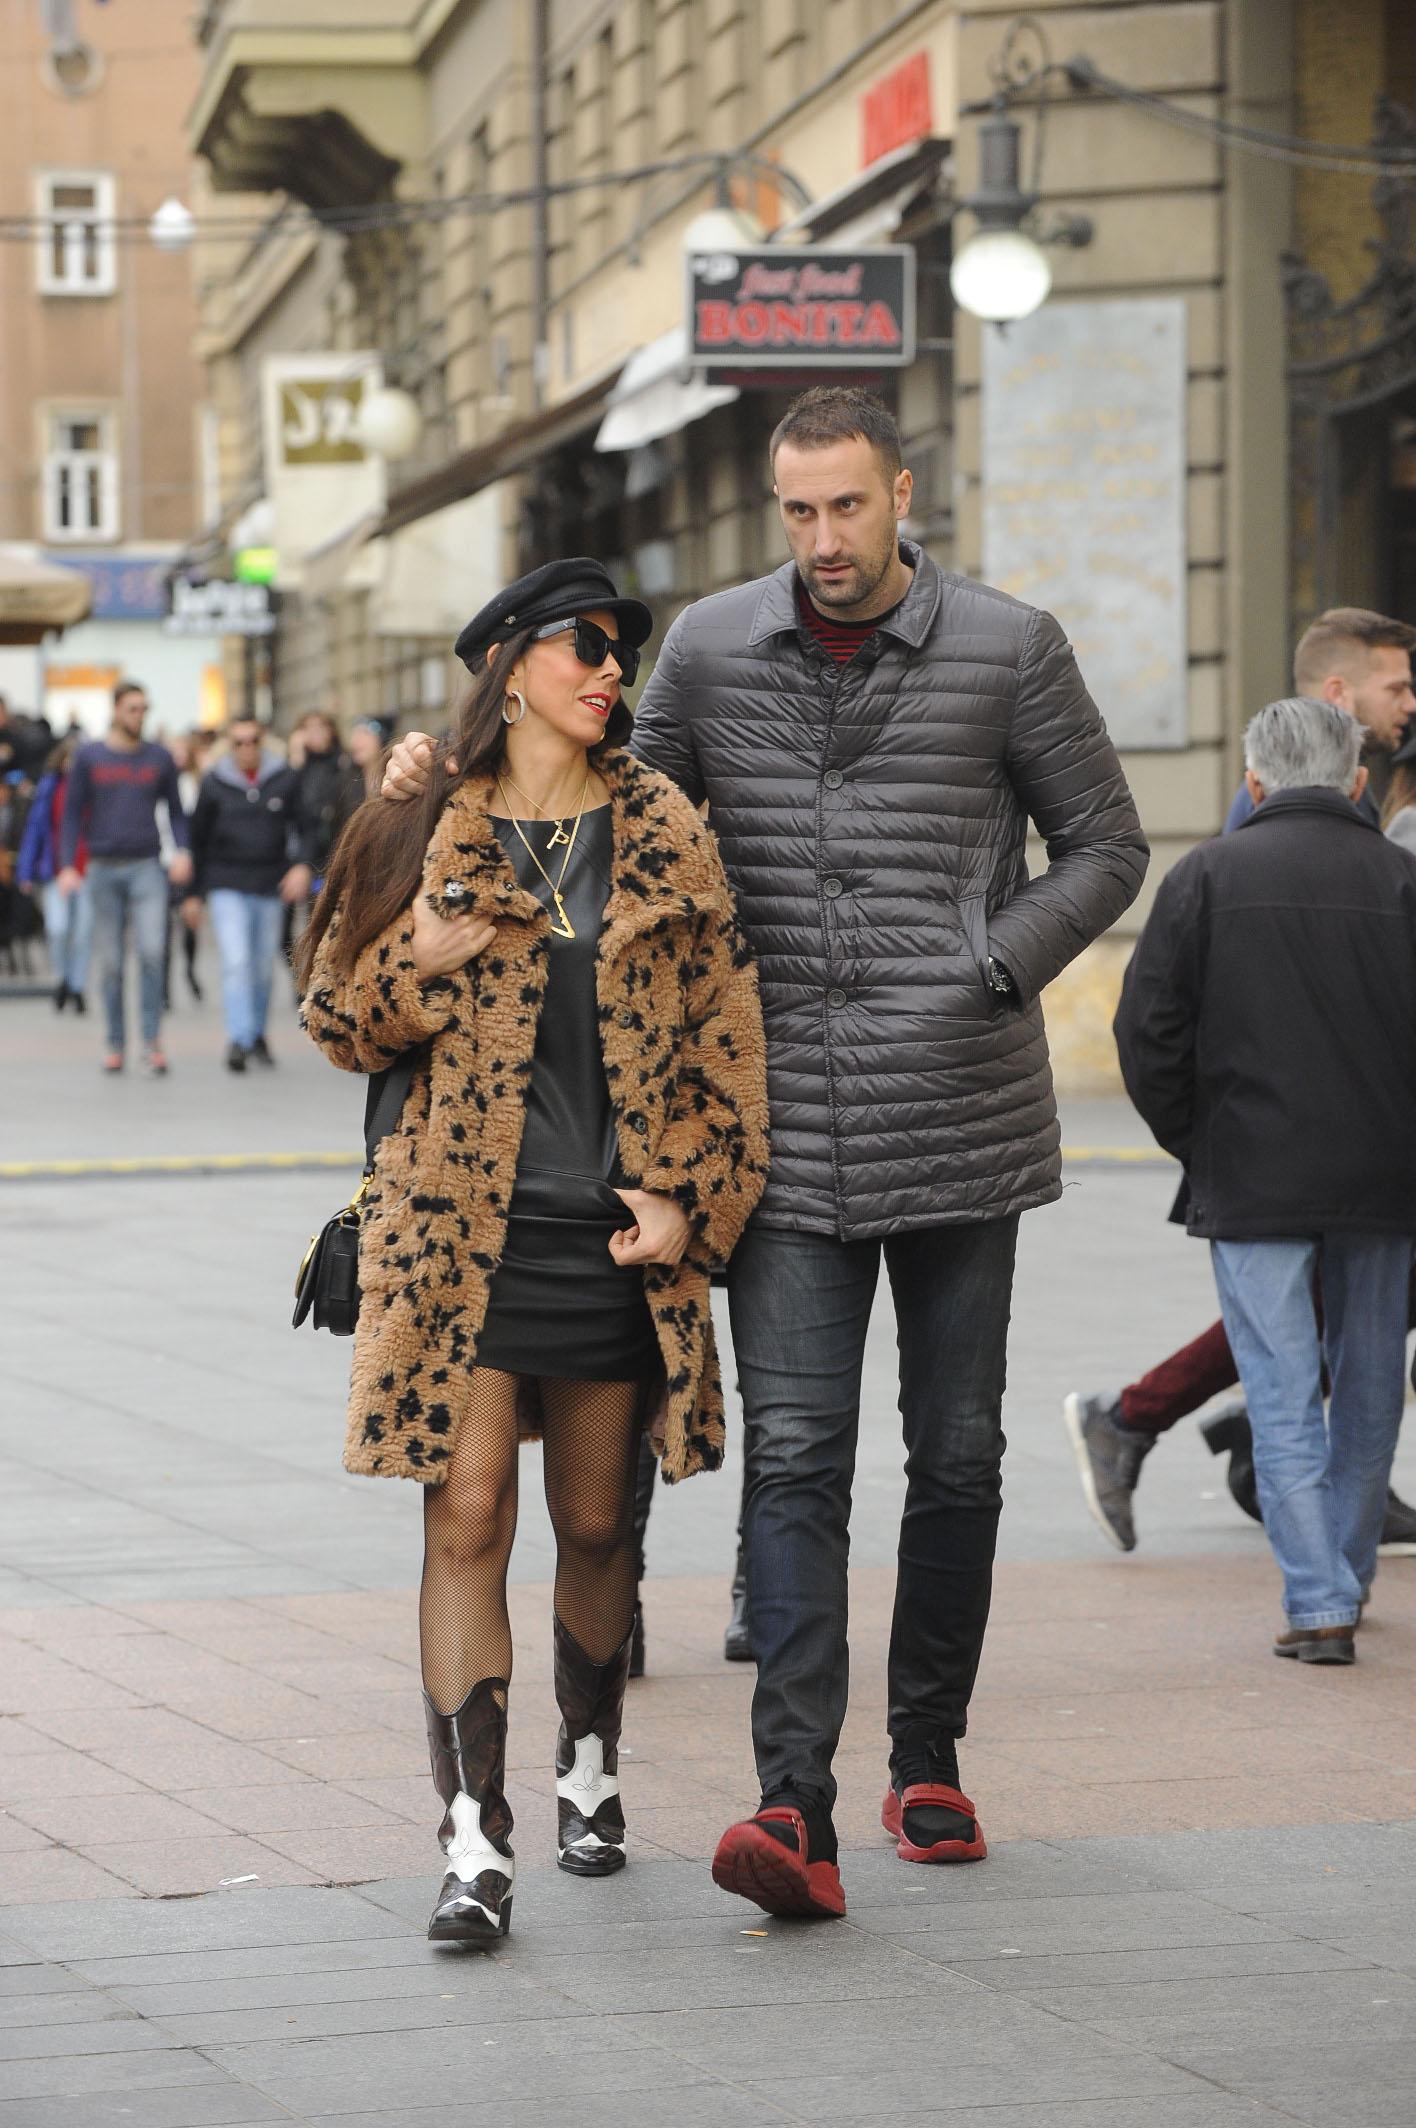 Spica / Zagreb 02.02.2019. / foto. / Igor Vori i supruga Olja Vori